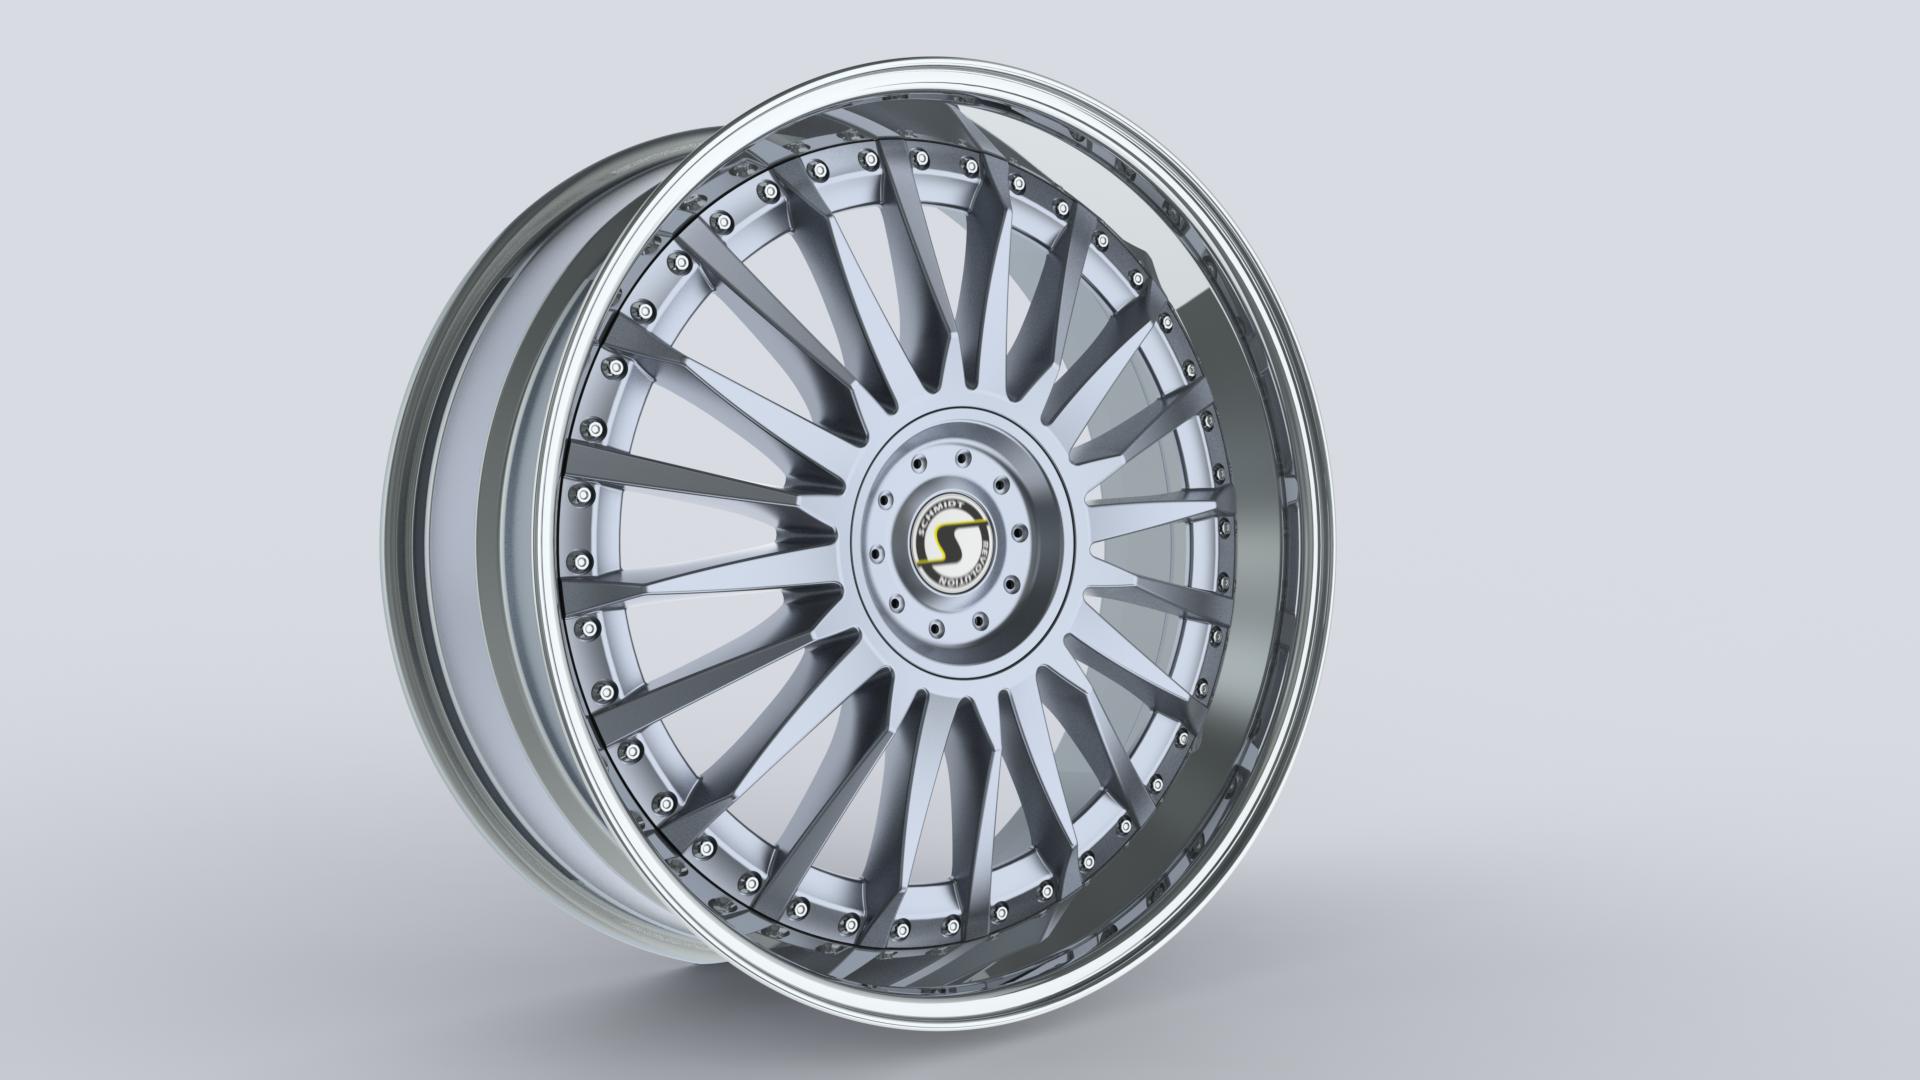 exchange xfr rims jaguar set product image shop alloy diamond cut xf of draco genuine wheels